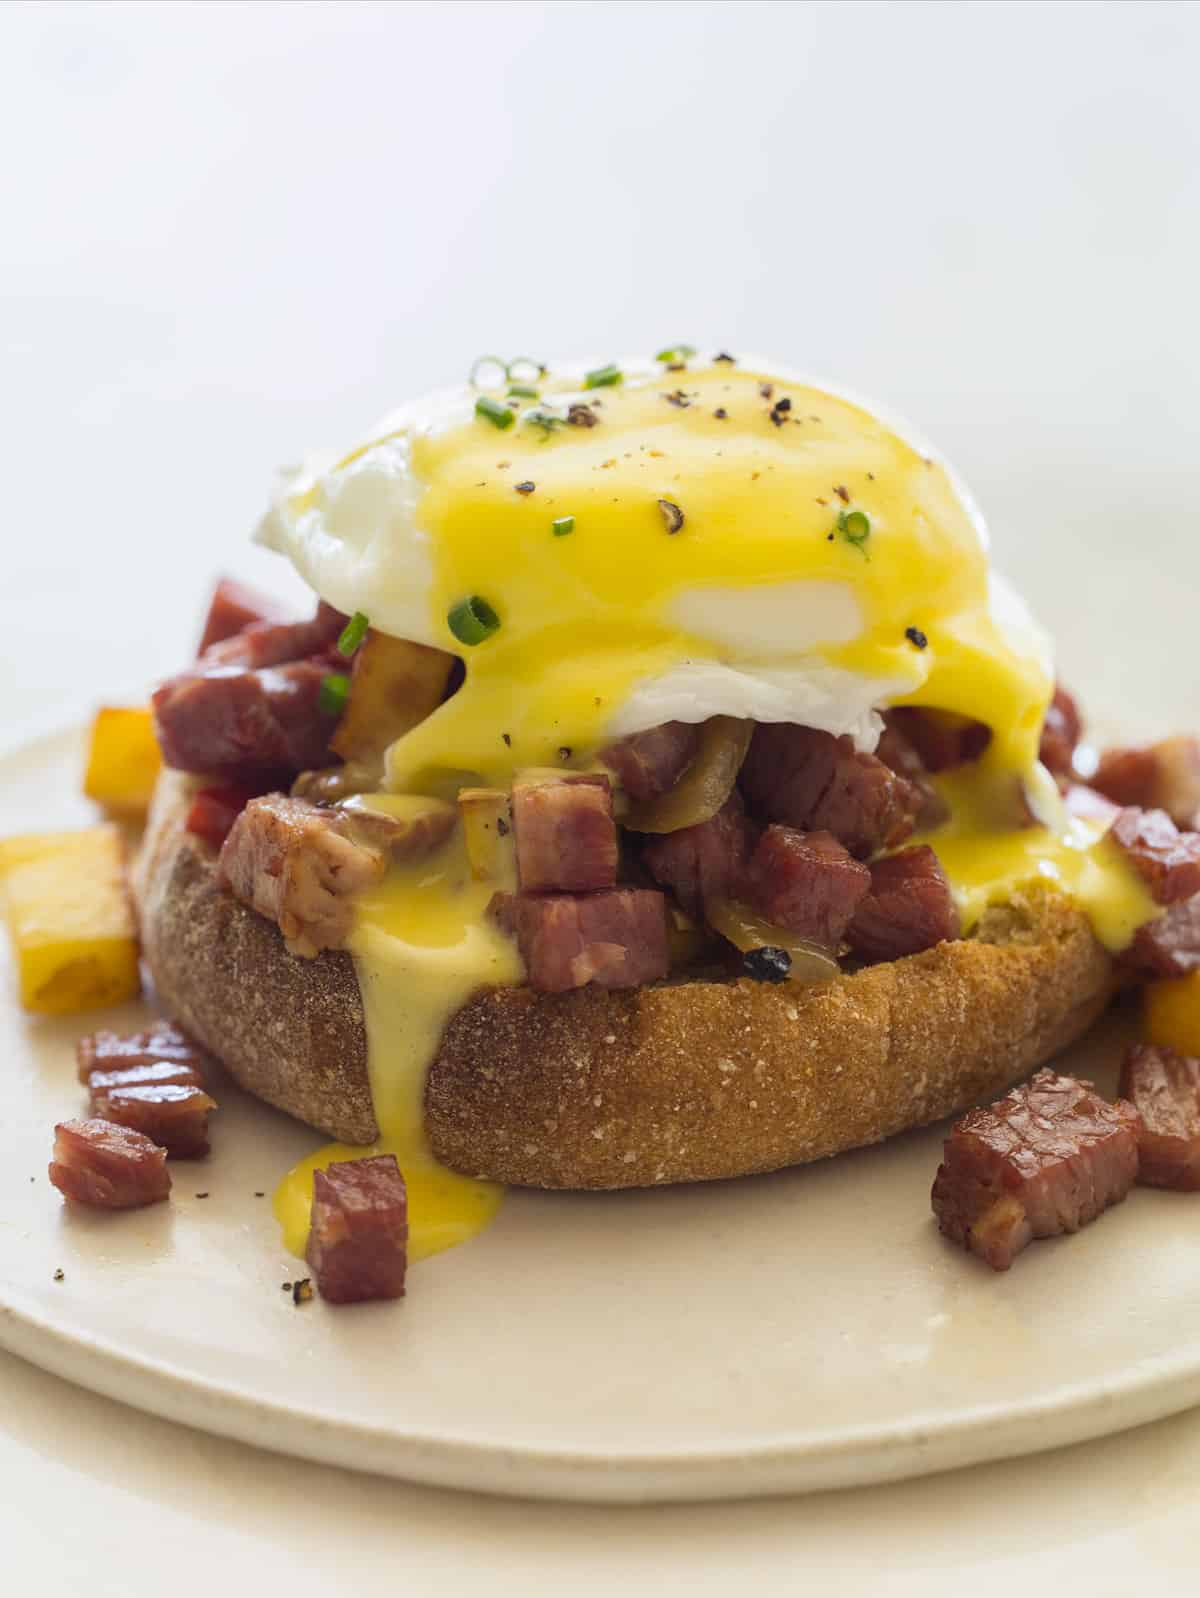 Corned beef hash eggs benedict | FOOD PORN | Pinterest